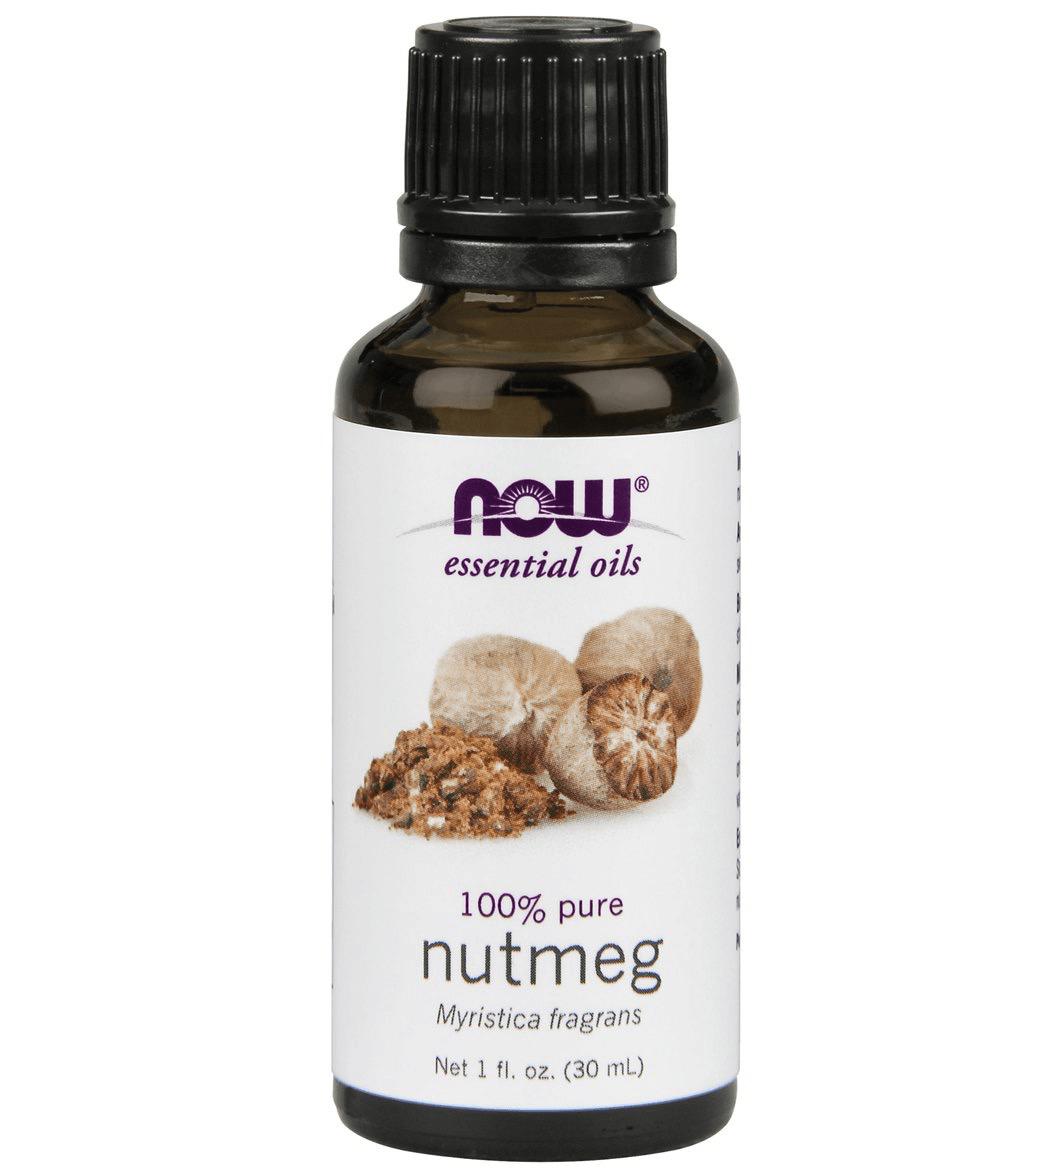 Now Essential Oils - Nutmeg 100% Pure Oils 1 fl.oz